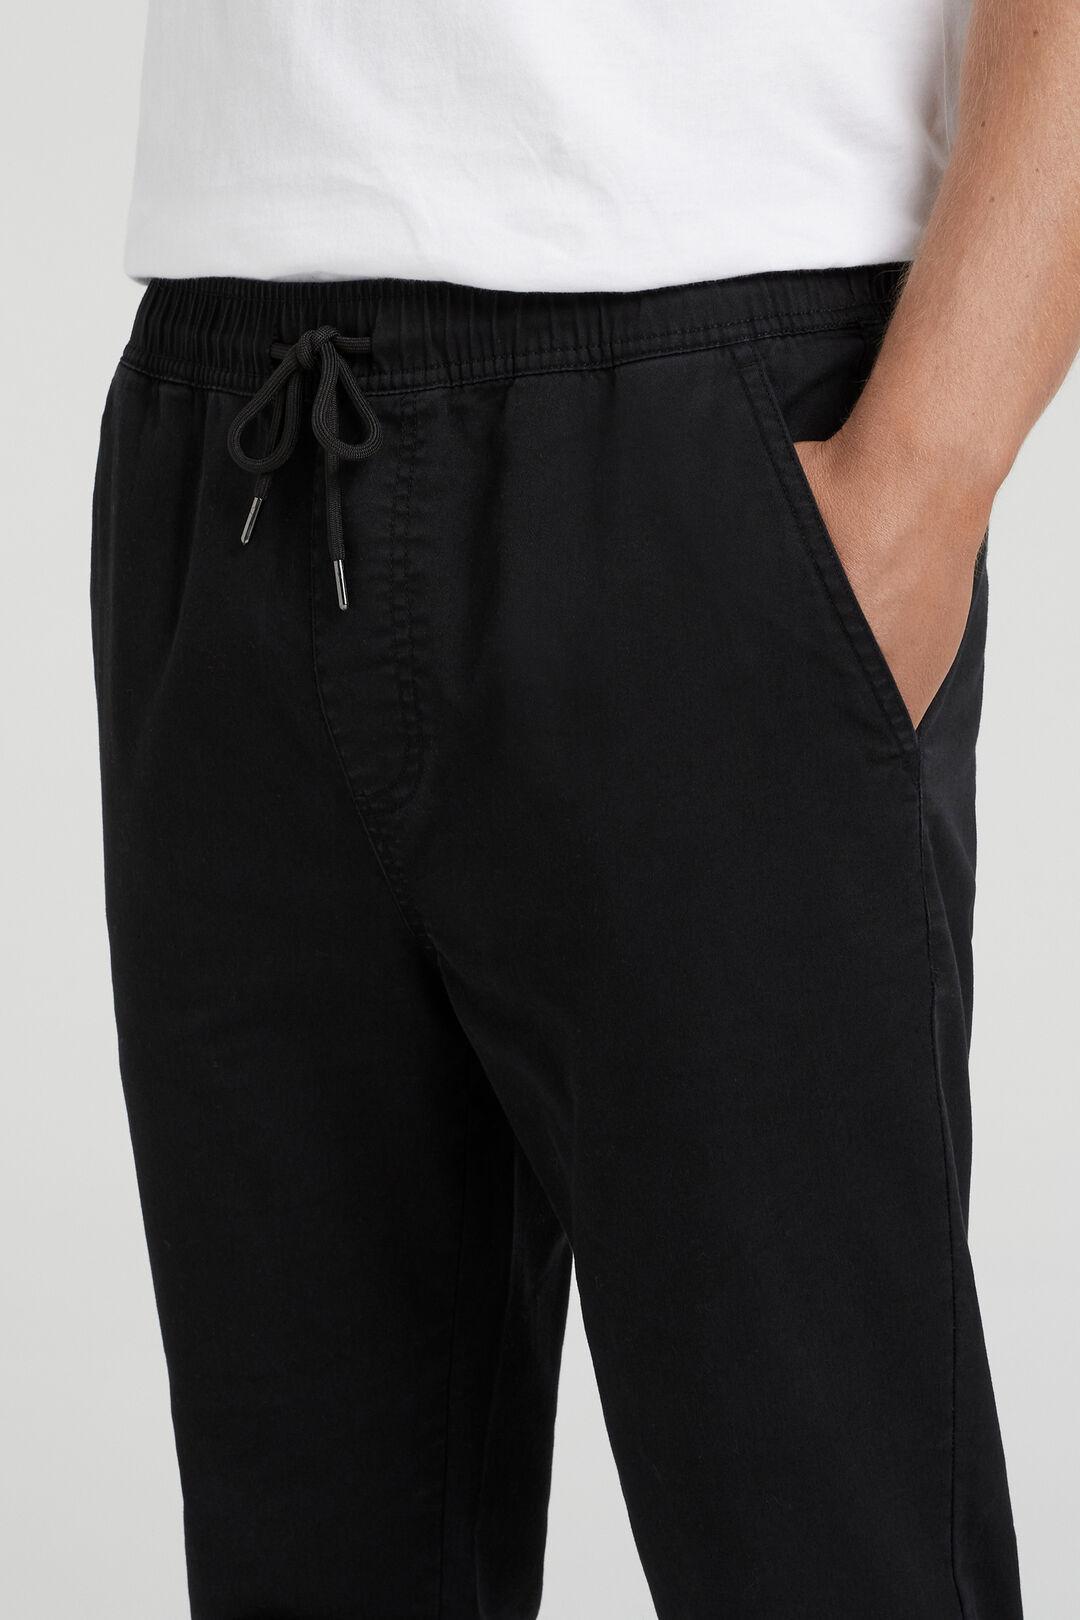 CASUAL PANT  BLACK  hi-res